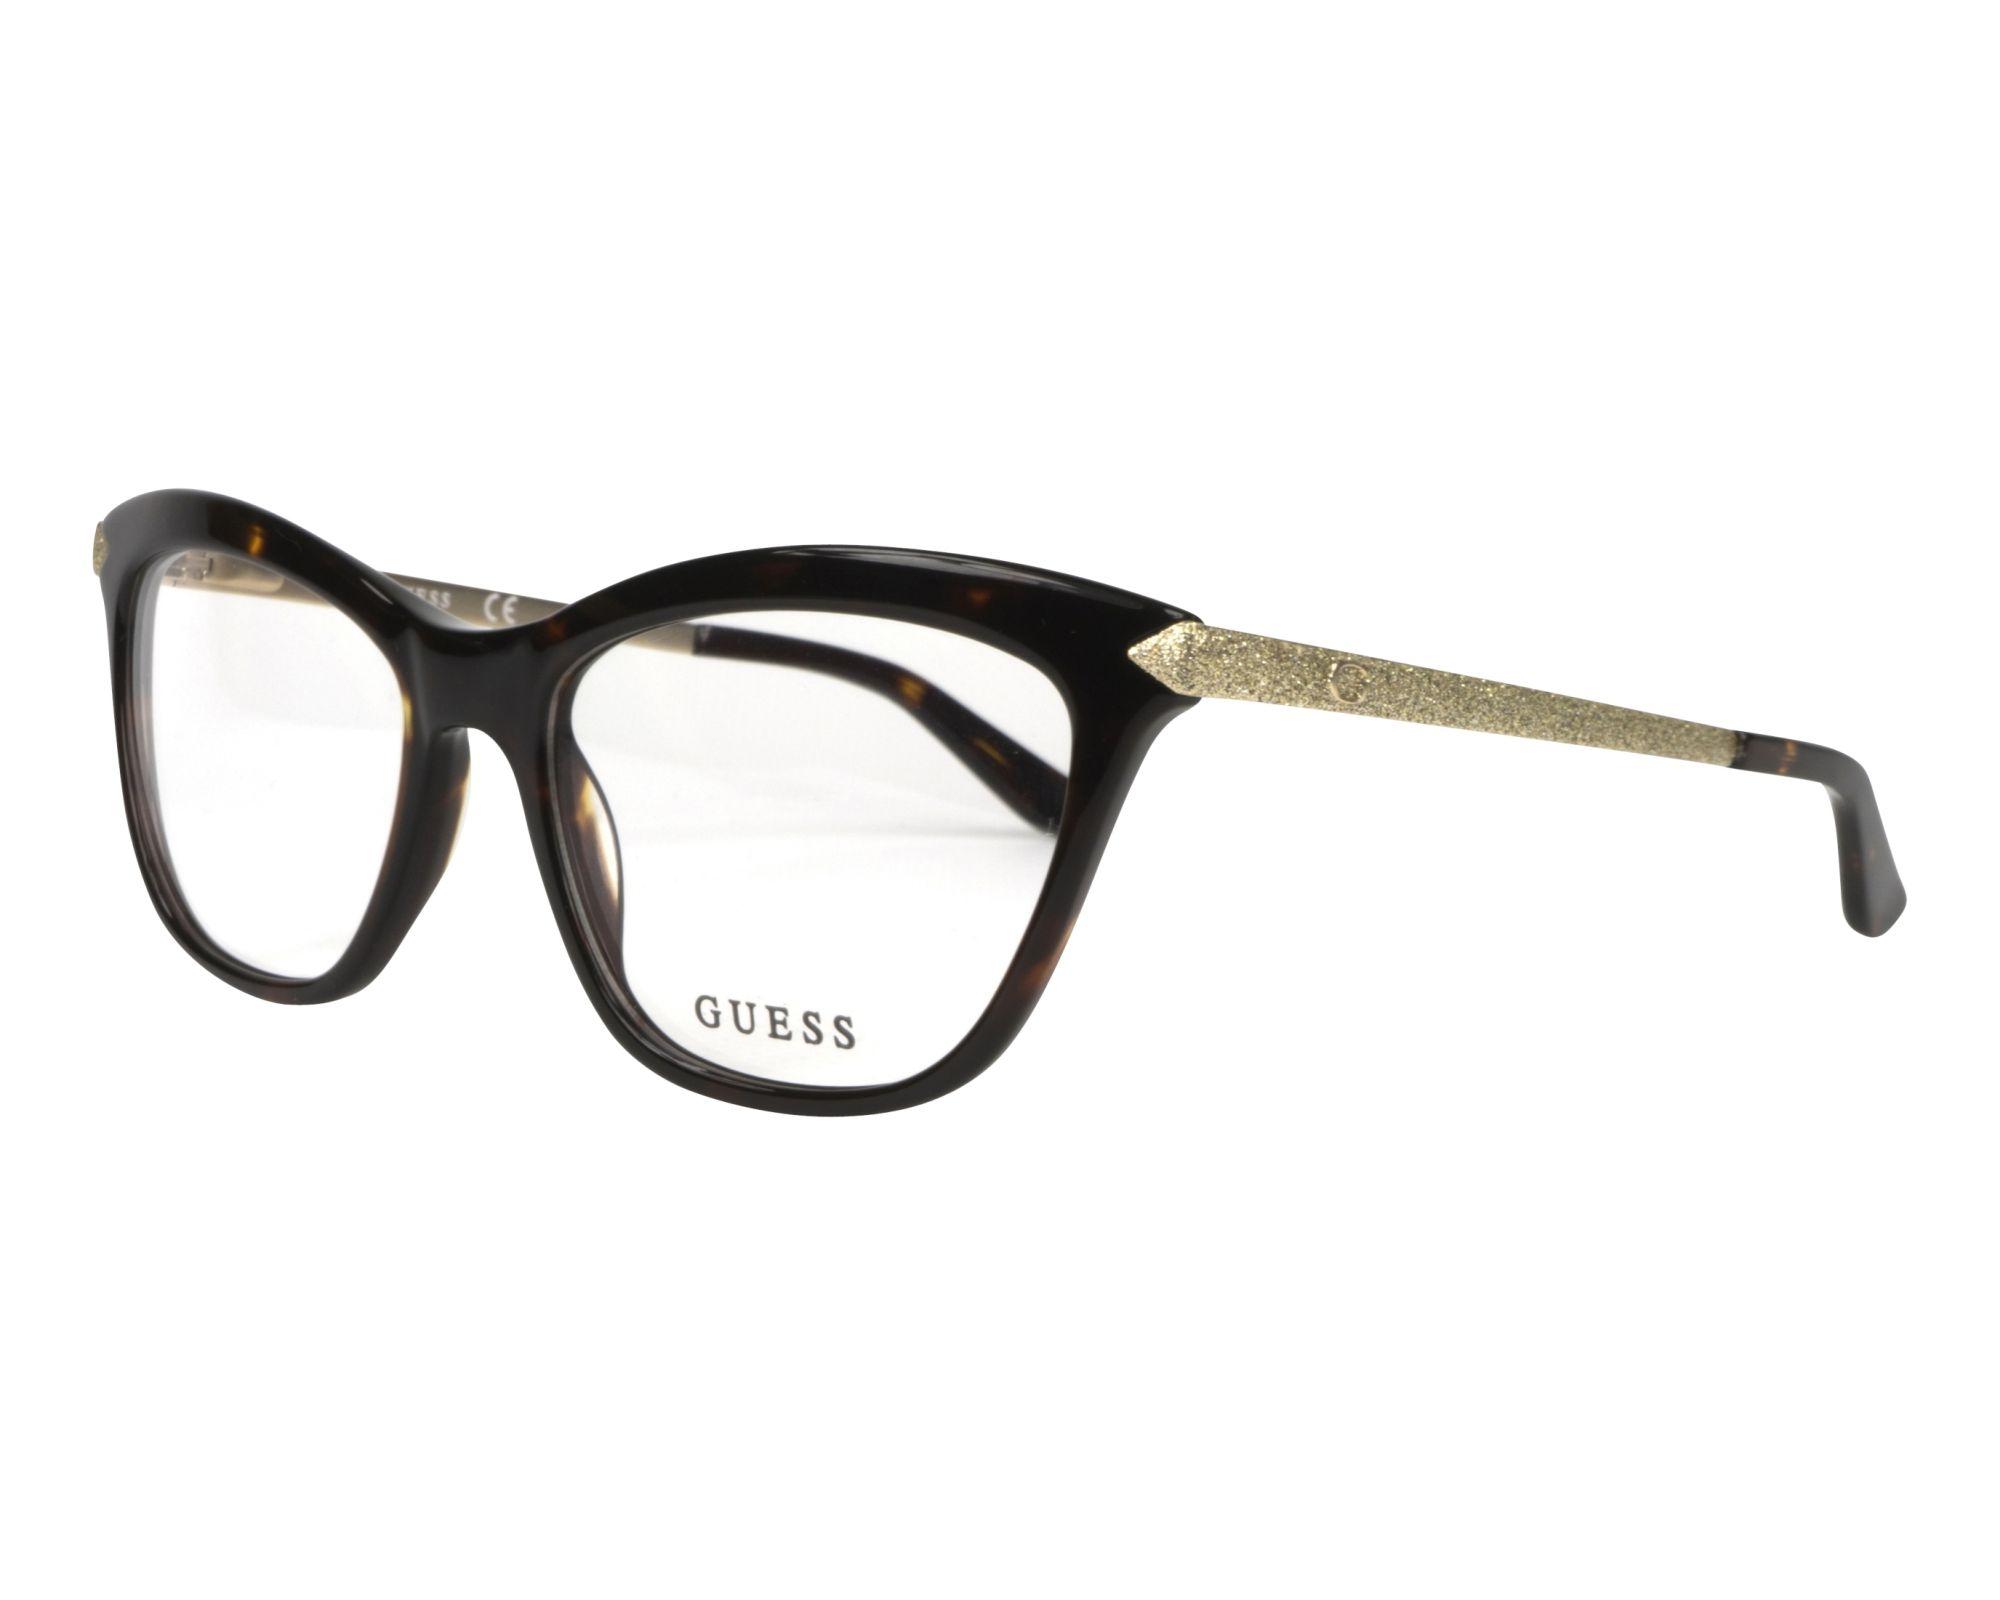 bd783004656 eyeglasses Guess GU-2655 052 53-17 Havana Gold profile view